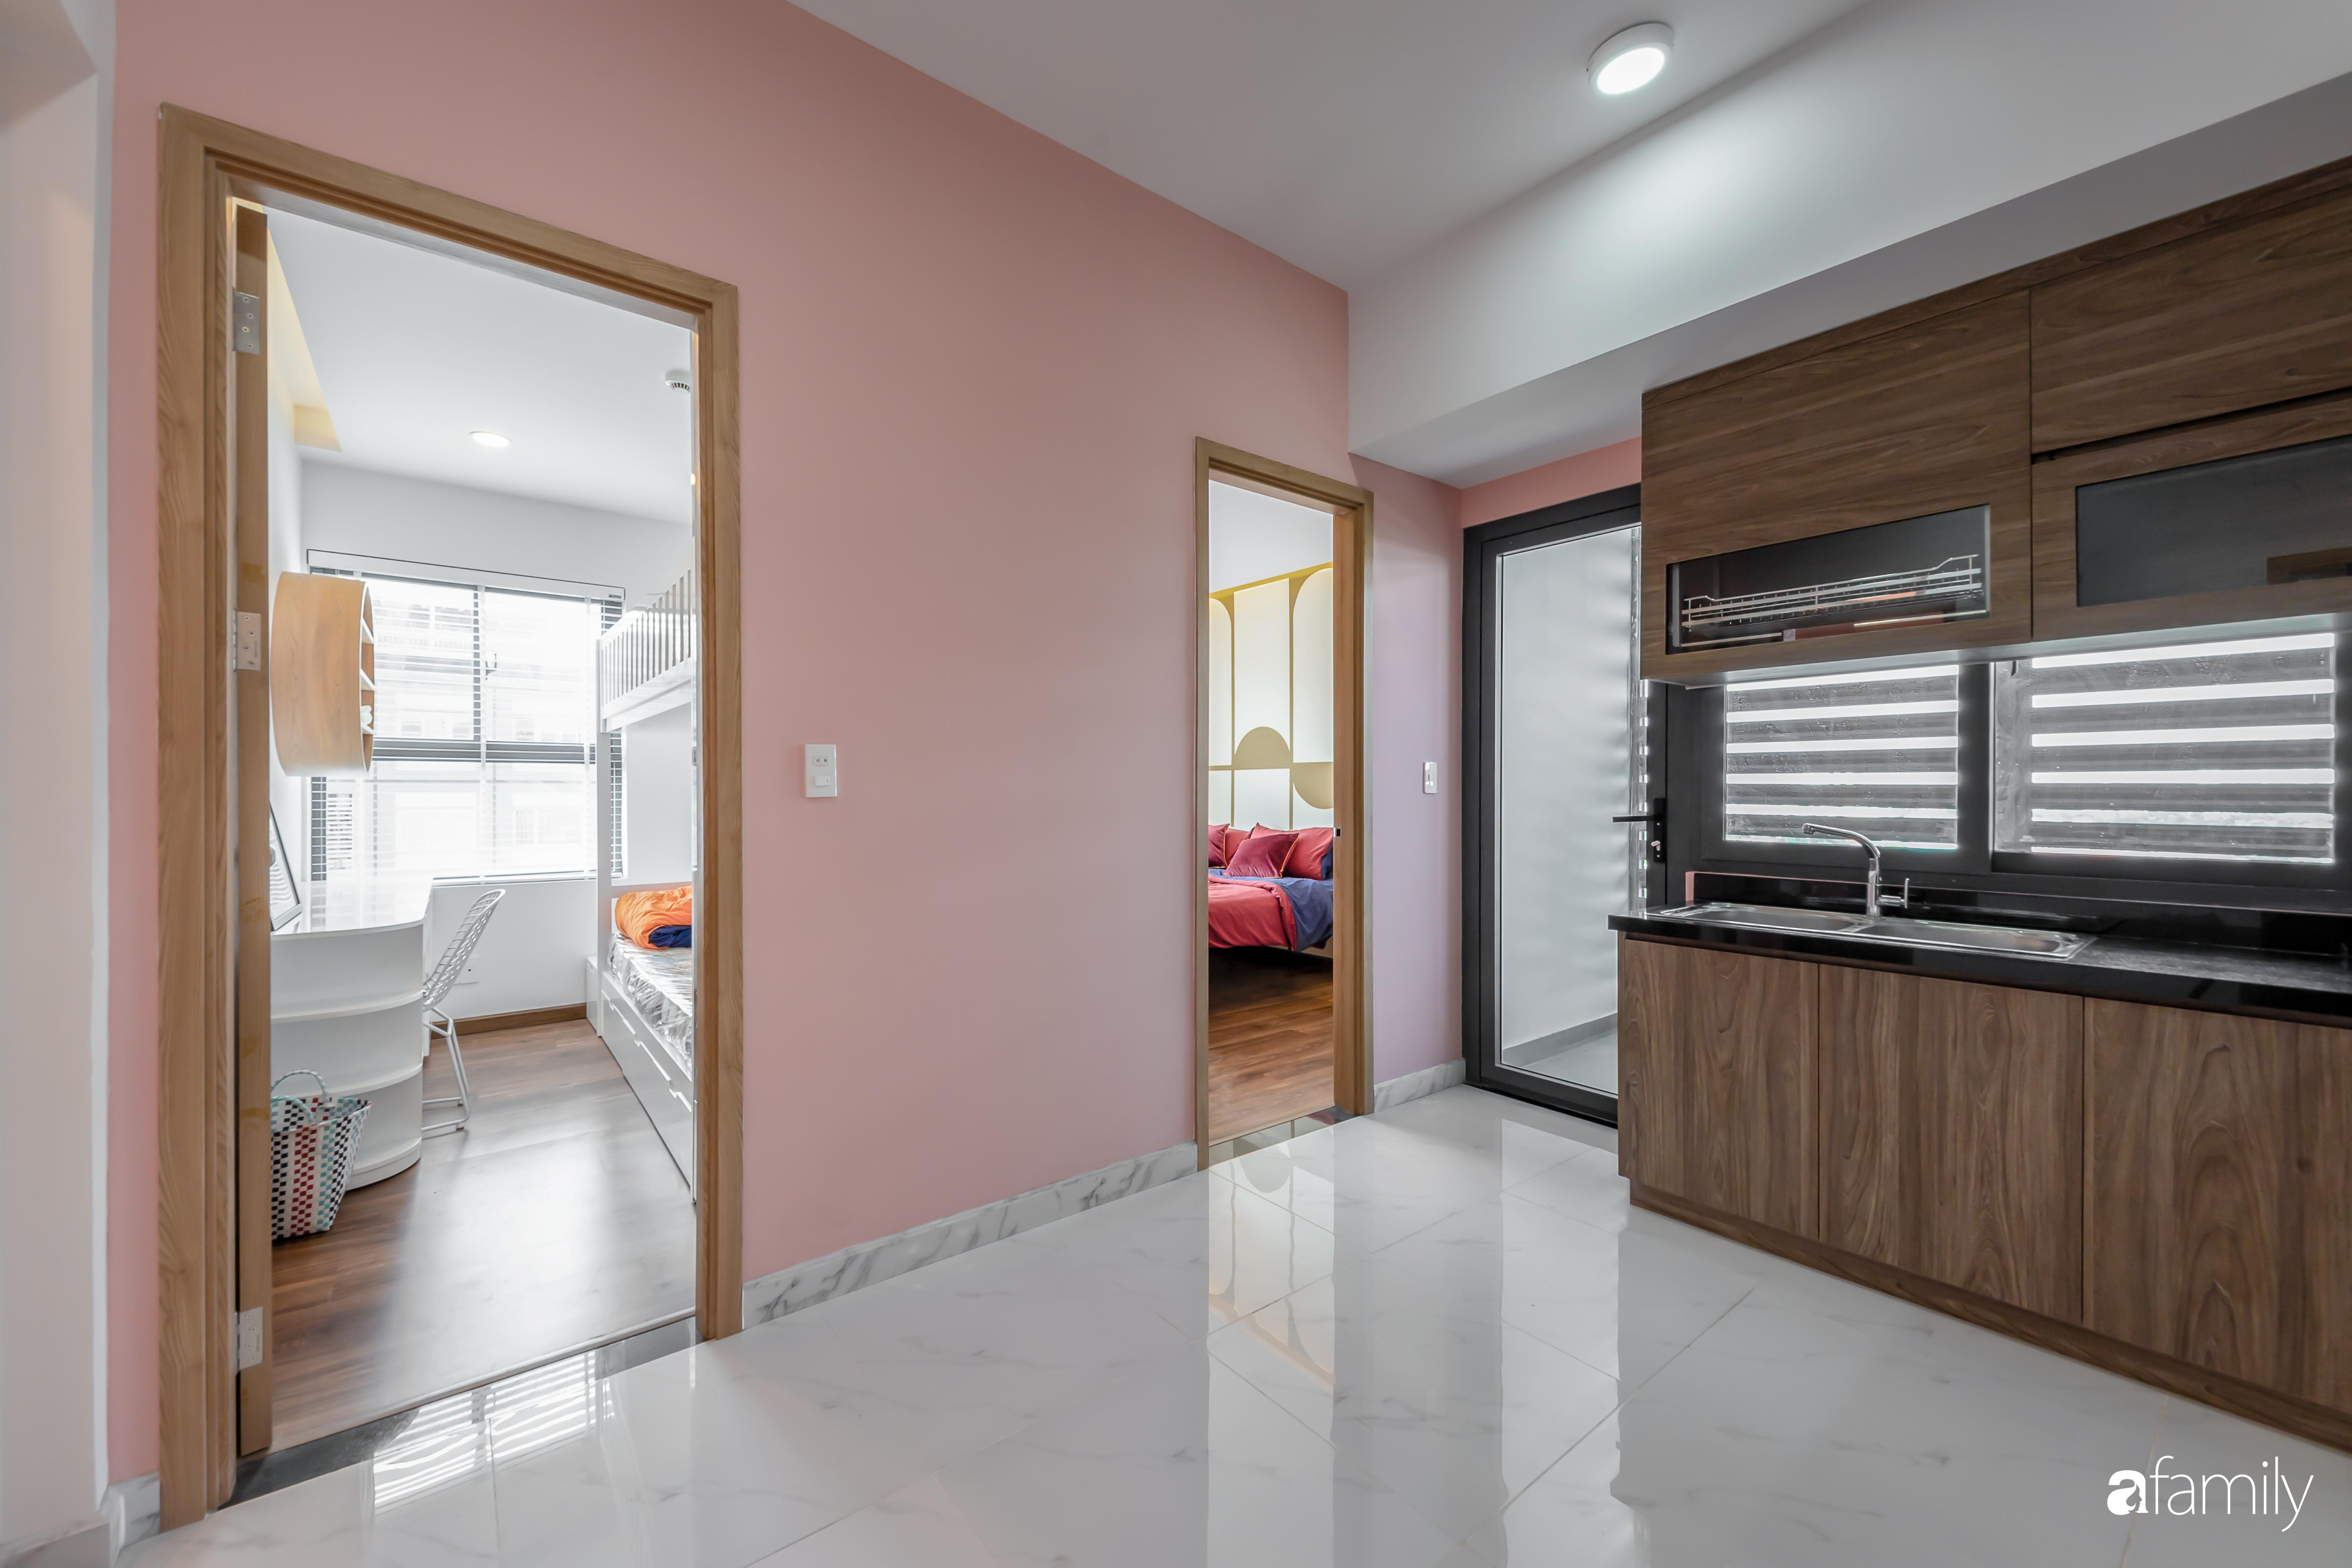 Căn hộ 100m² ngọt ngào khi chọn sắc hồng làm màu chủ đạo có chi phí hoàn thiện 450 triệu đồng ở TP HCM - Ảnh 12.